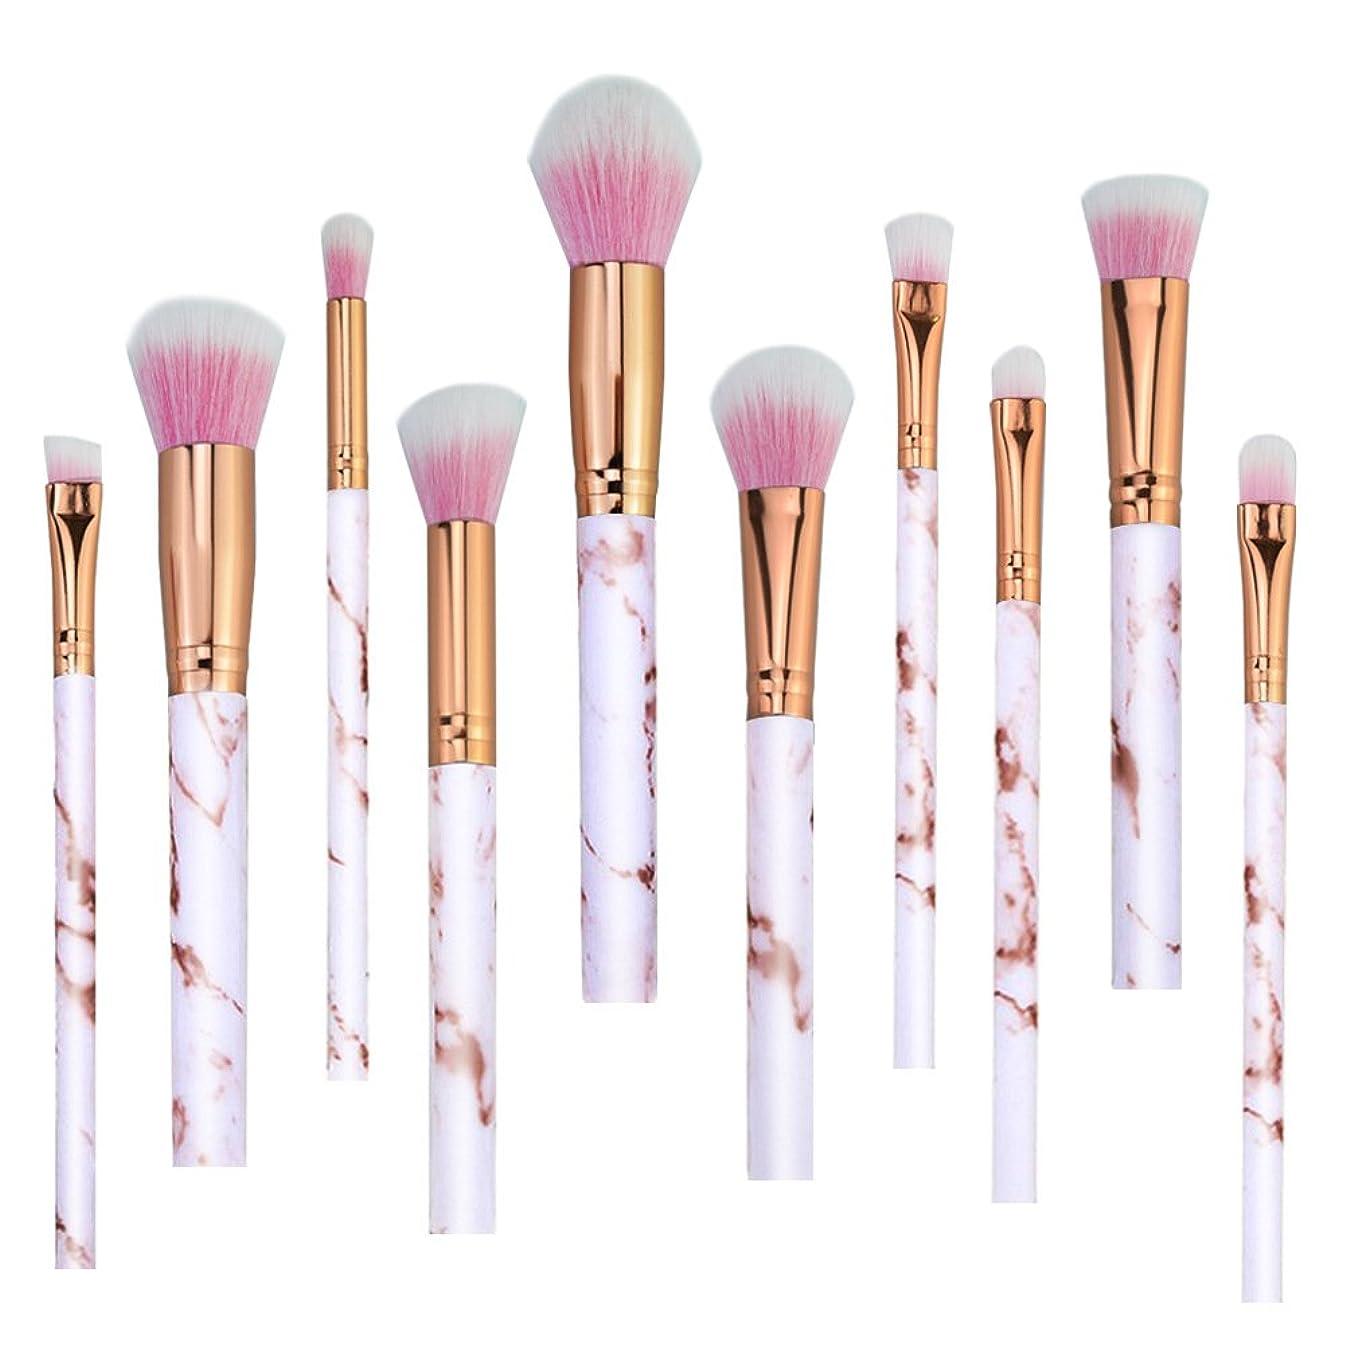 思慮のない褒賞攻撃的QIAONAI 10本 化粧筆 メイクアップブラシセット プロ 化粧ブラシ 化粧筆 コスメブラシ タイル模様 上品 パウダー アイシャドー 多機能化粧ブラシ 綺麗 ピンク